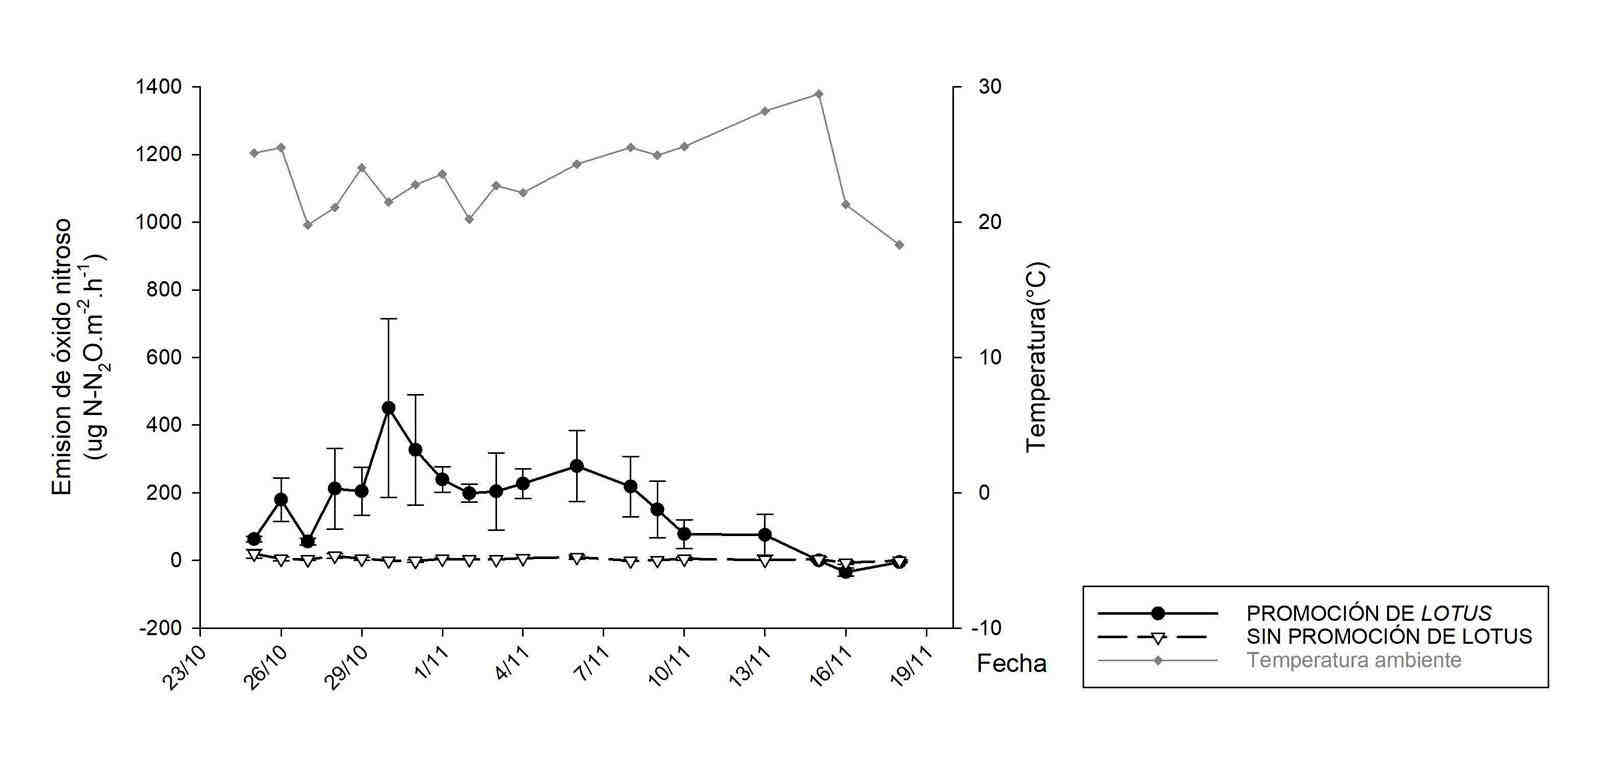 Emisiones primaveral de óxido nitroso (N<sub>2</sub>O) en sistemas pastoriles con y sin promoción de <i>Lotus tenuis</i>.